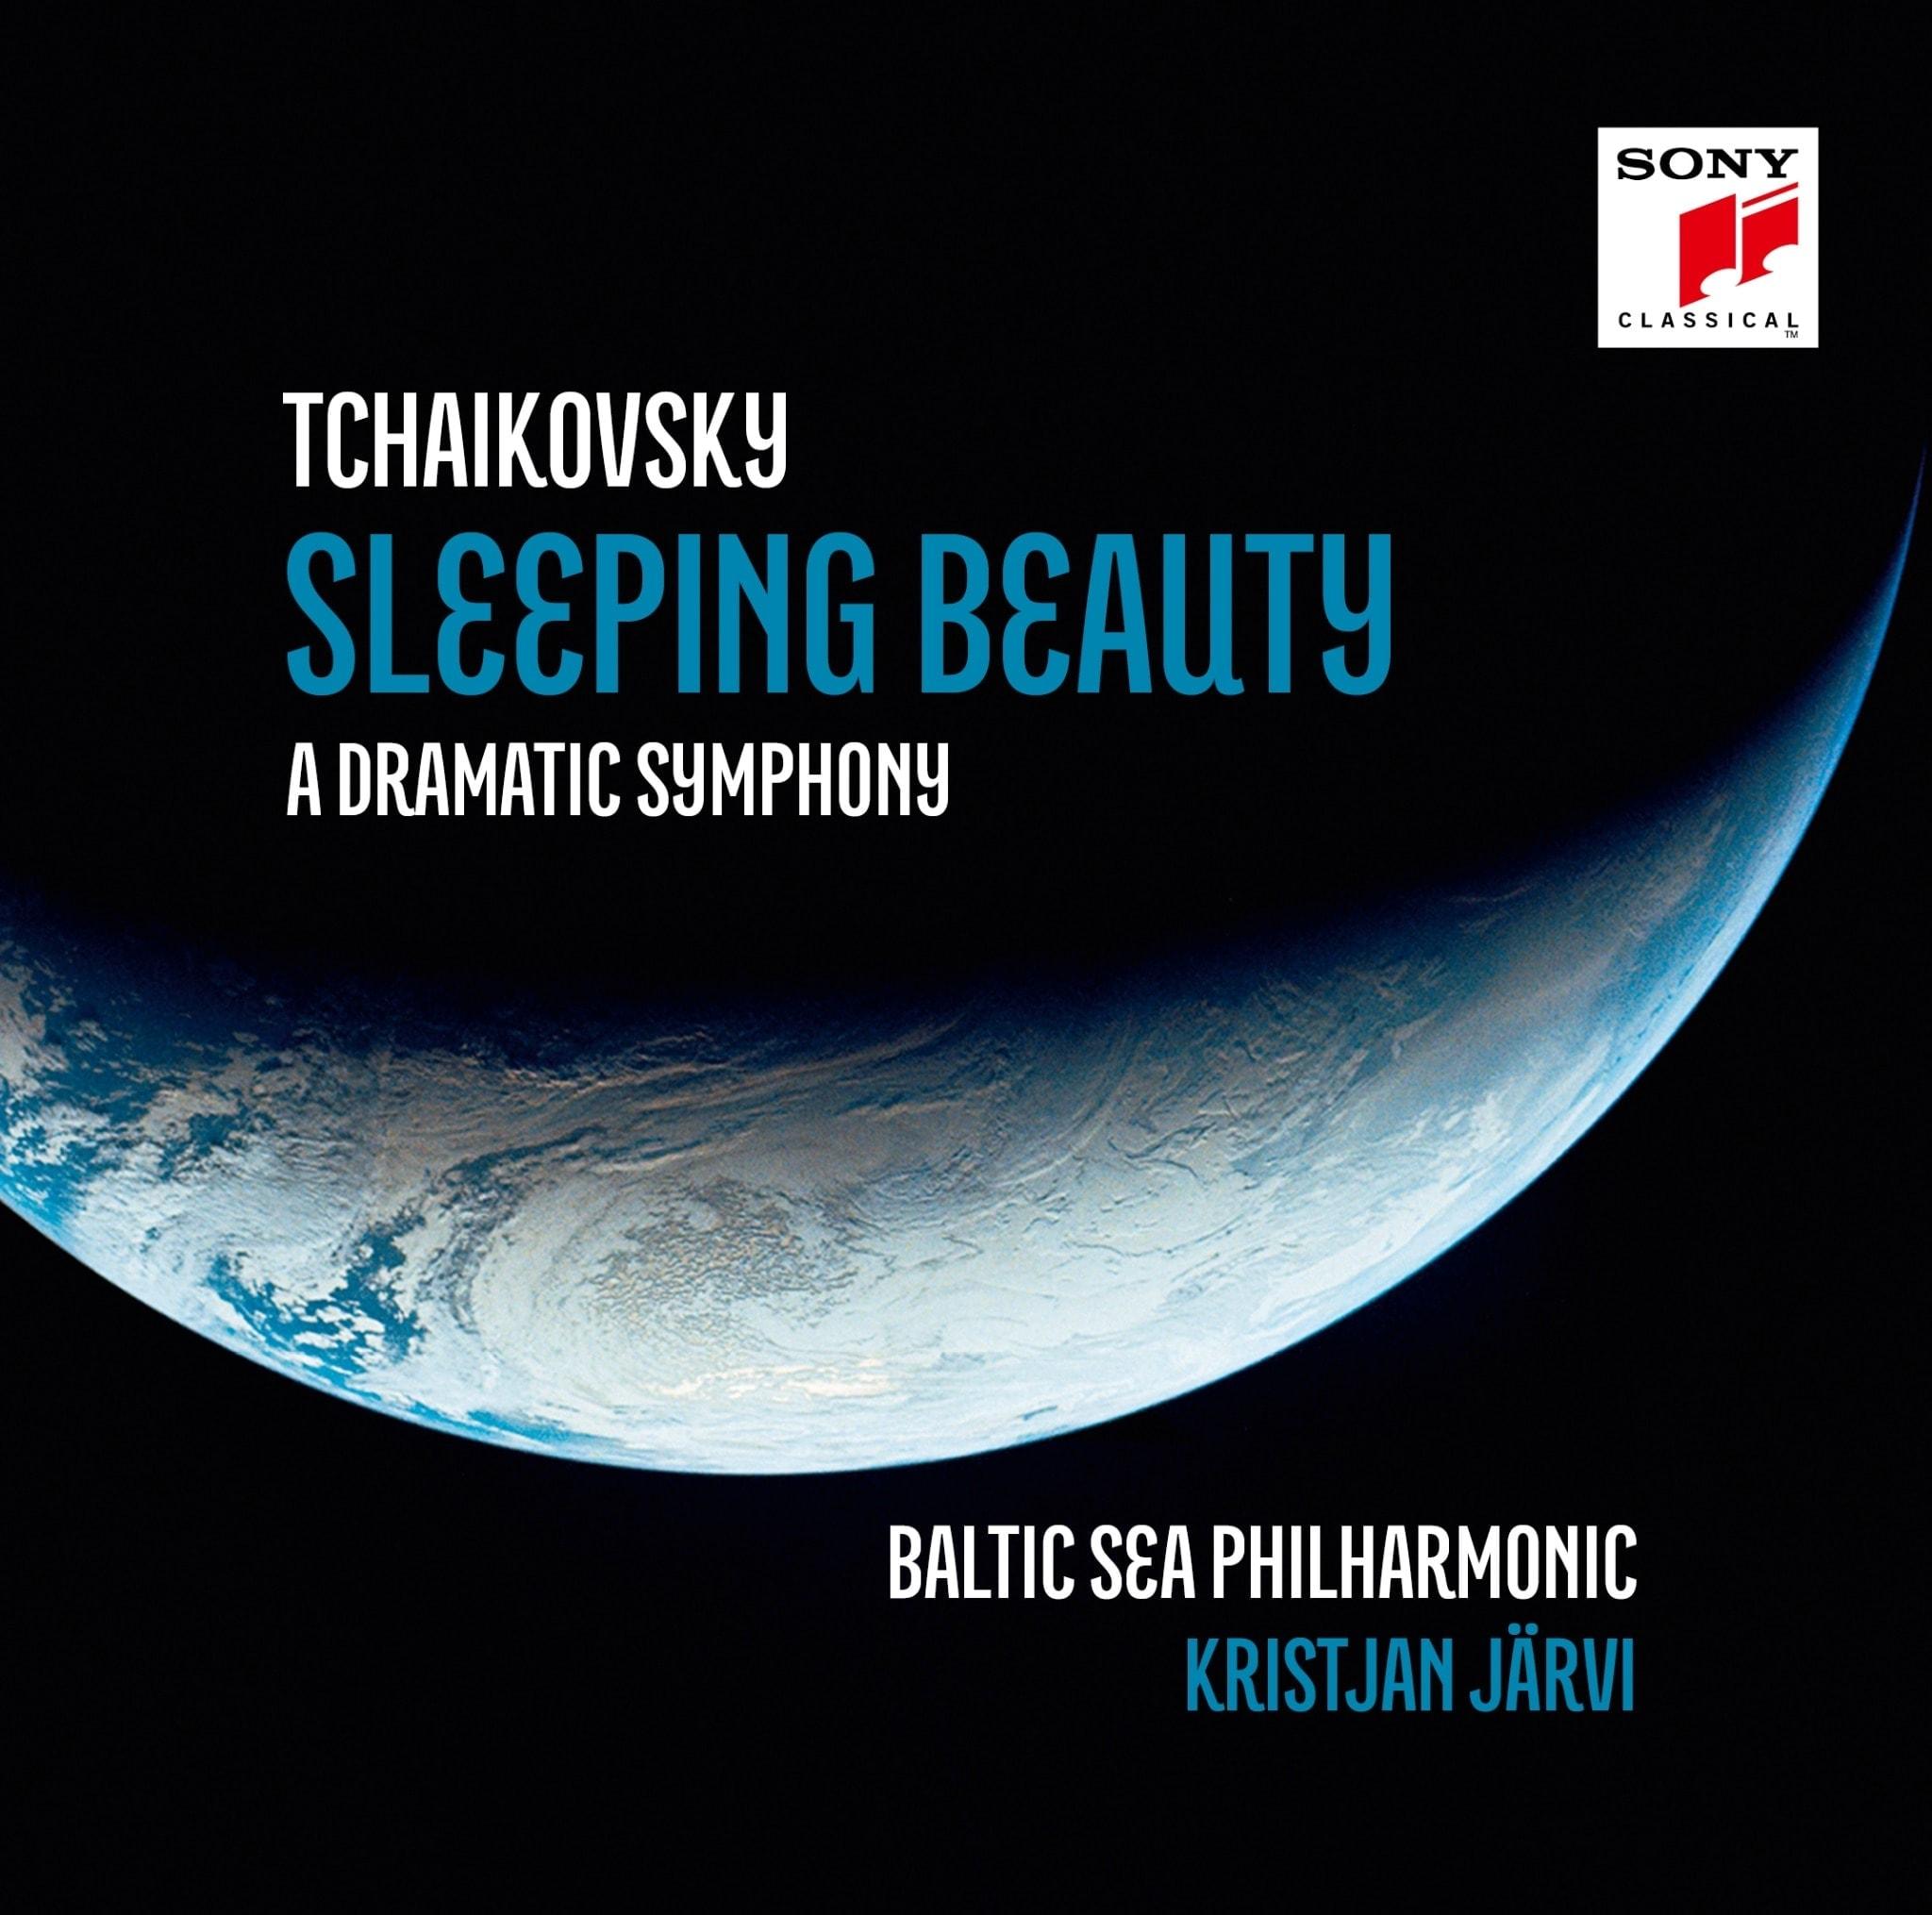 Кристиан Ярви выпускает ремейк великого балета Петра Чайковского